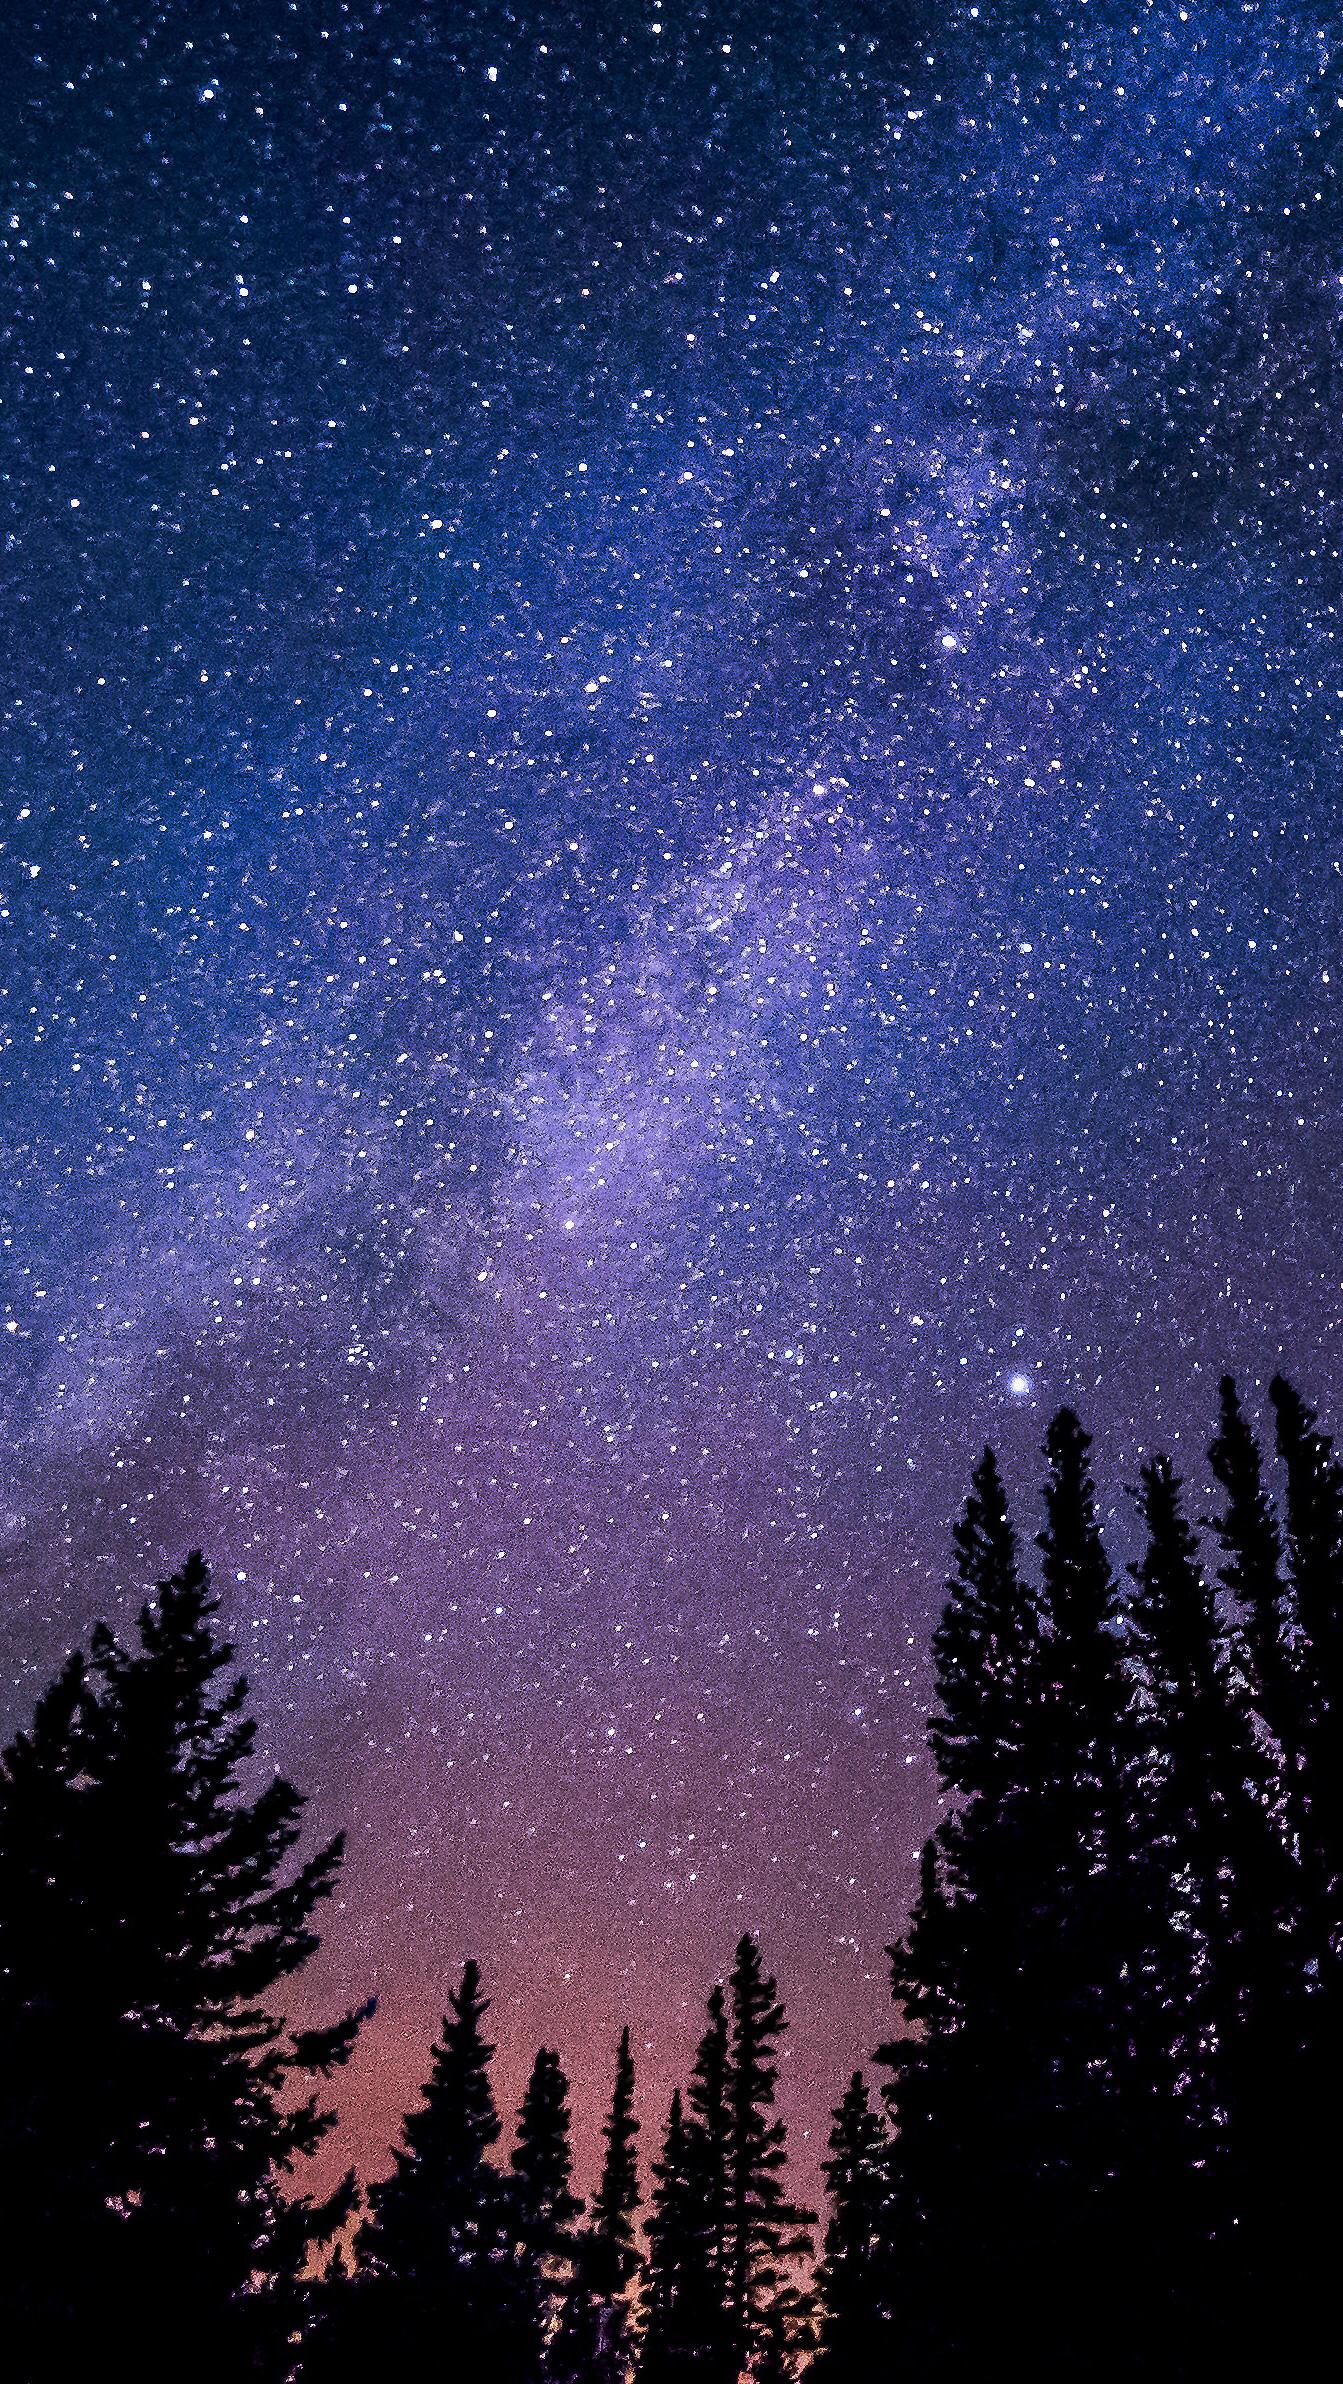 способствует выведению звездное небо картинки вертикальные общем, тут буду